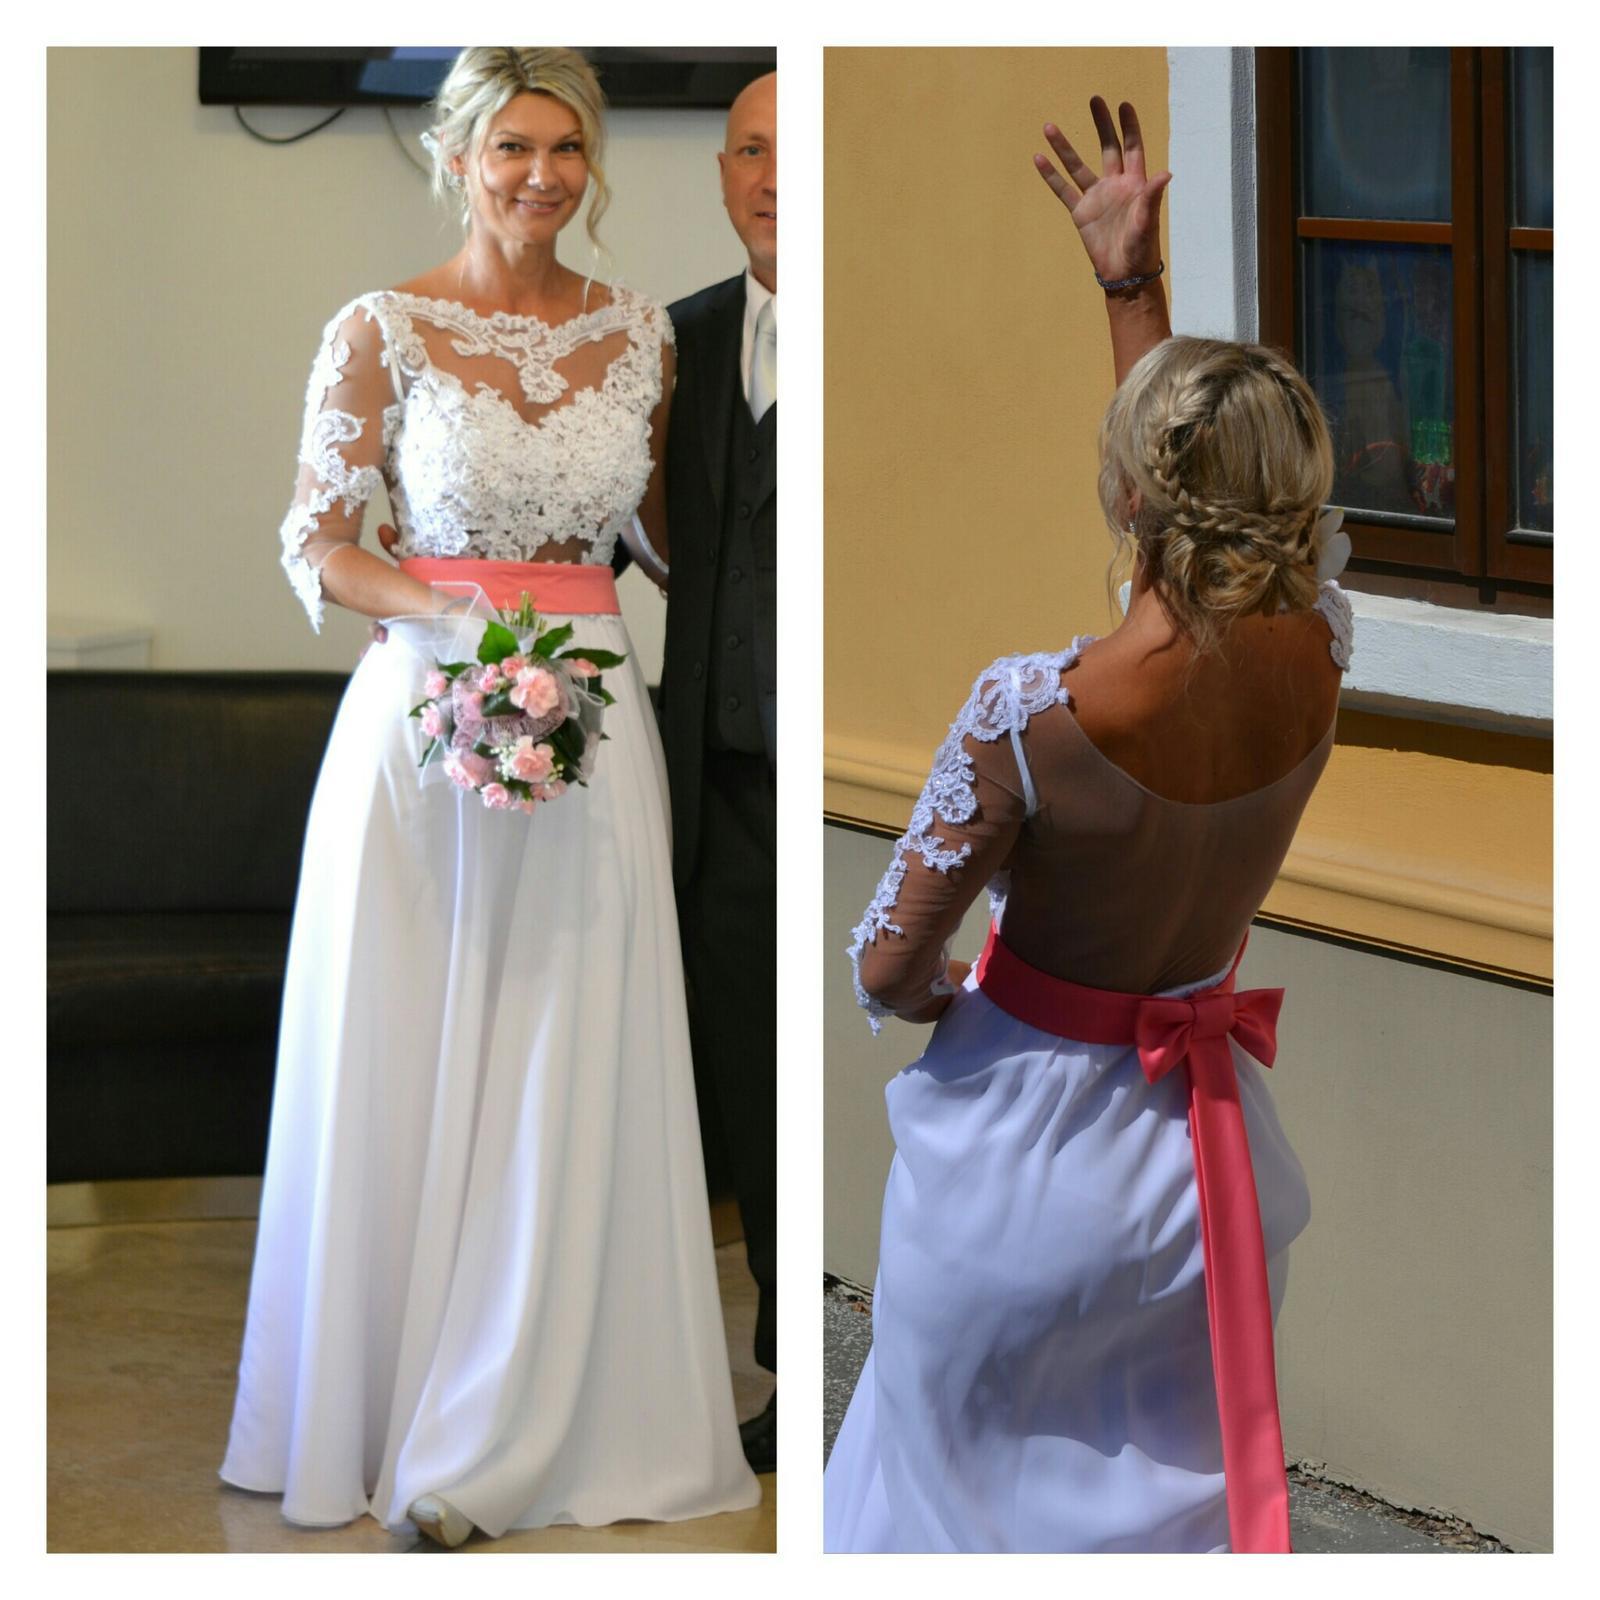 Svadobné šaty neviest z MS - @adriatica40